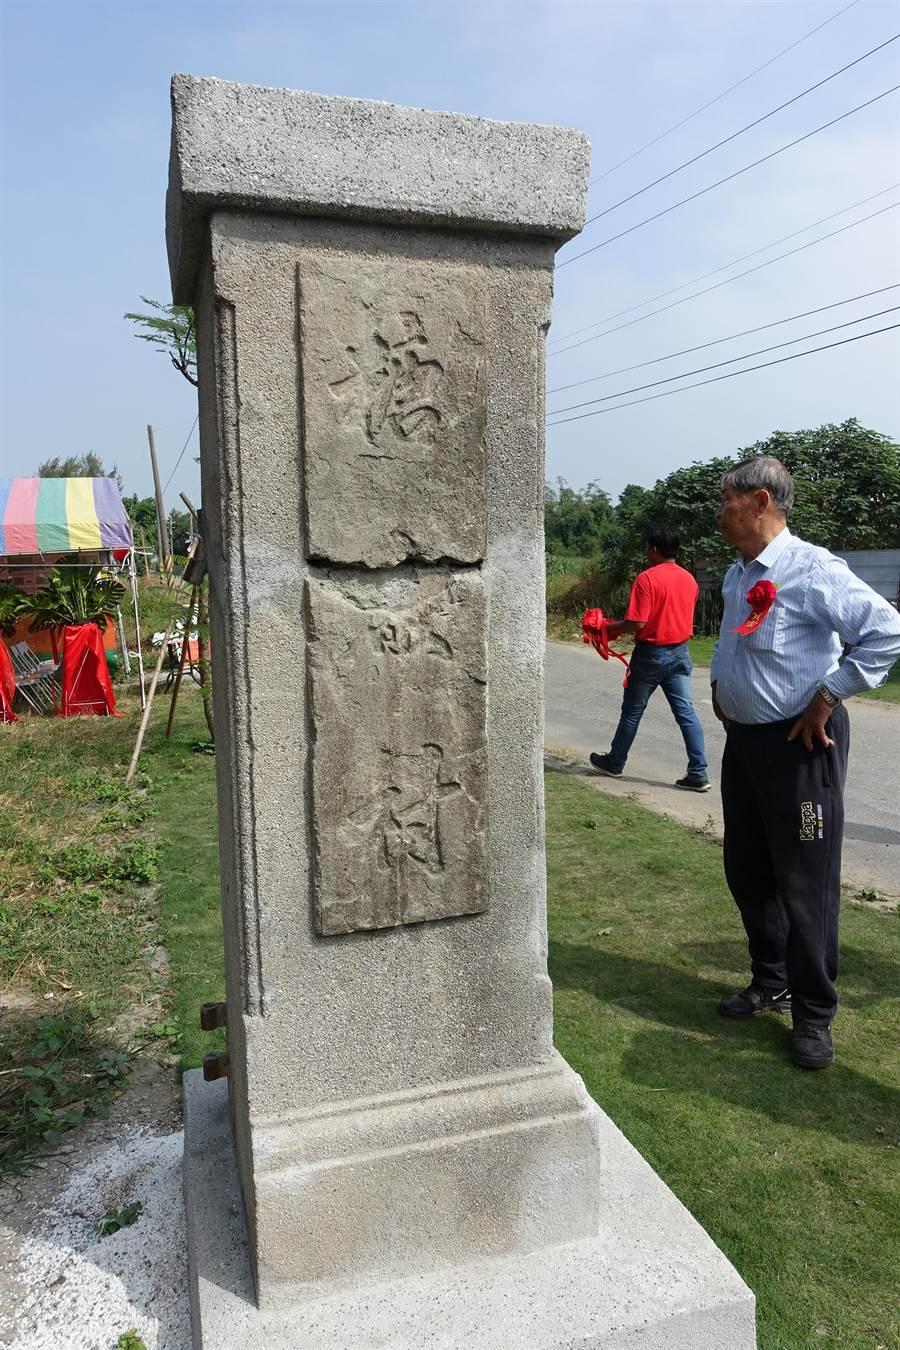 「糖廠村」石碑20年前遭甘蔗車弄斷成兩截,字跡雖然模糊但原汁原味。(周麗蘭攝)